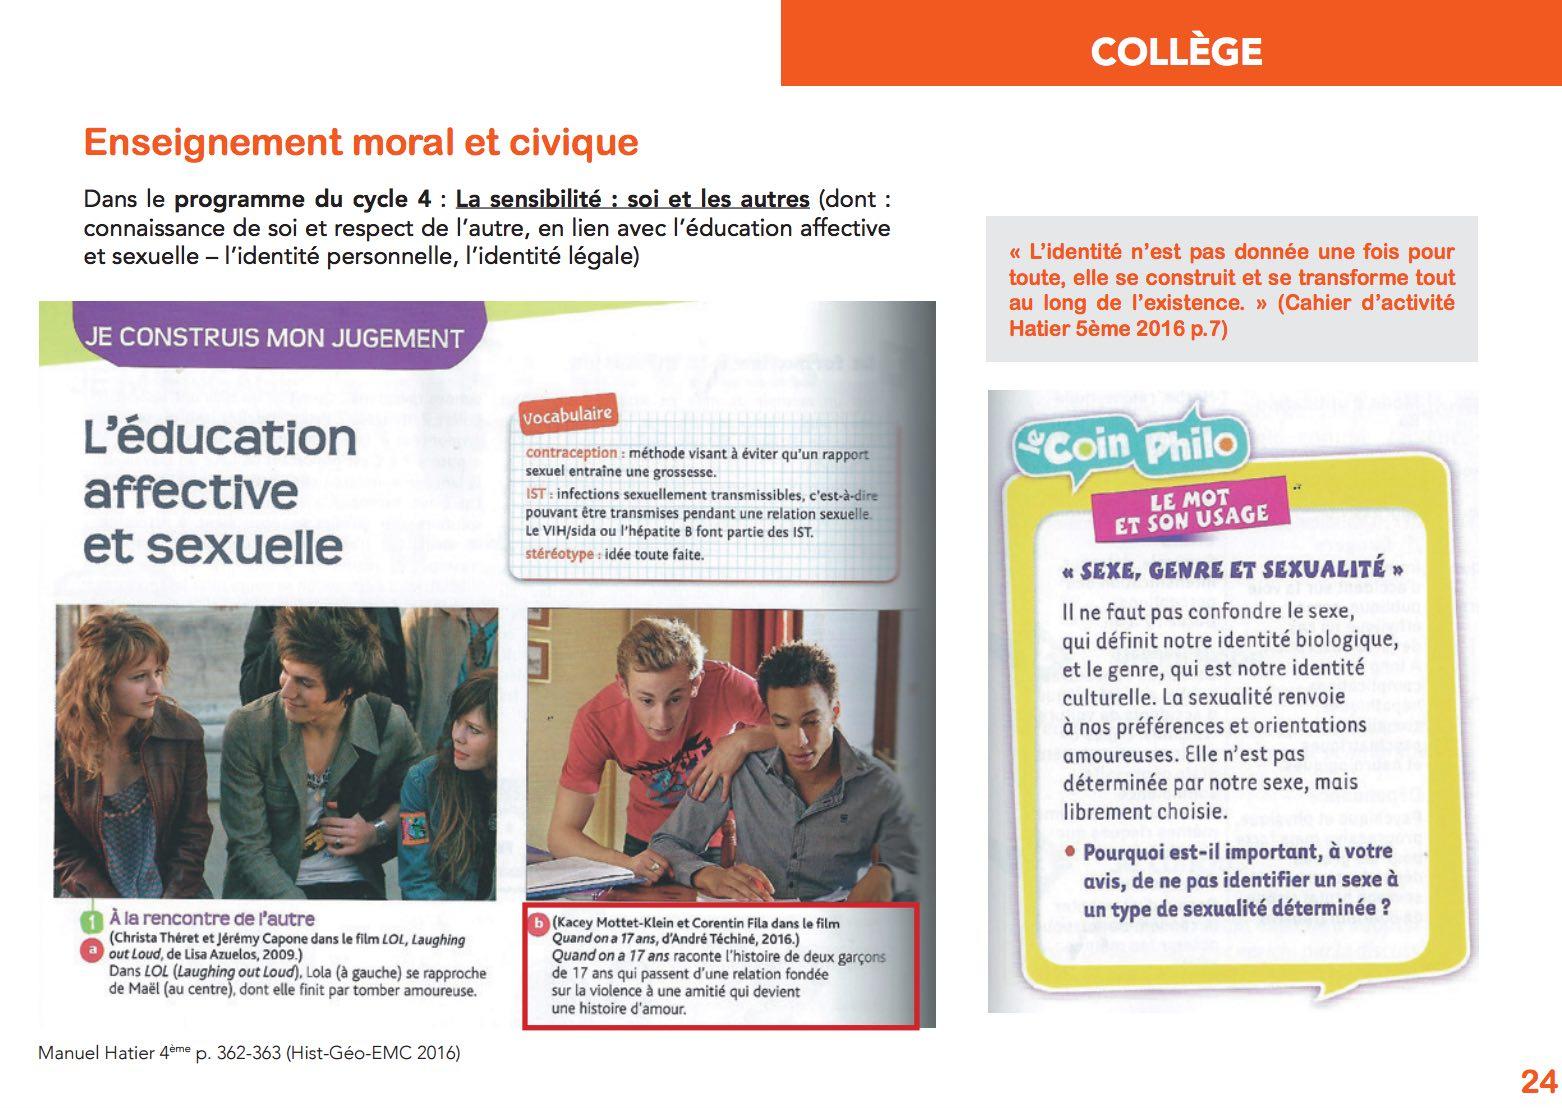 Voici quelques exemples ci-dessous que l'on retrouve dans la brochure diffusée :